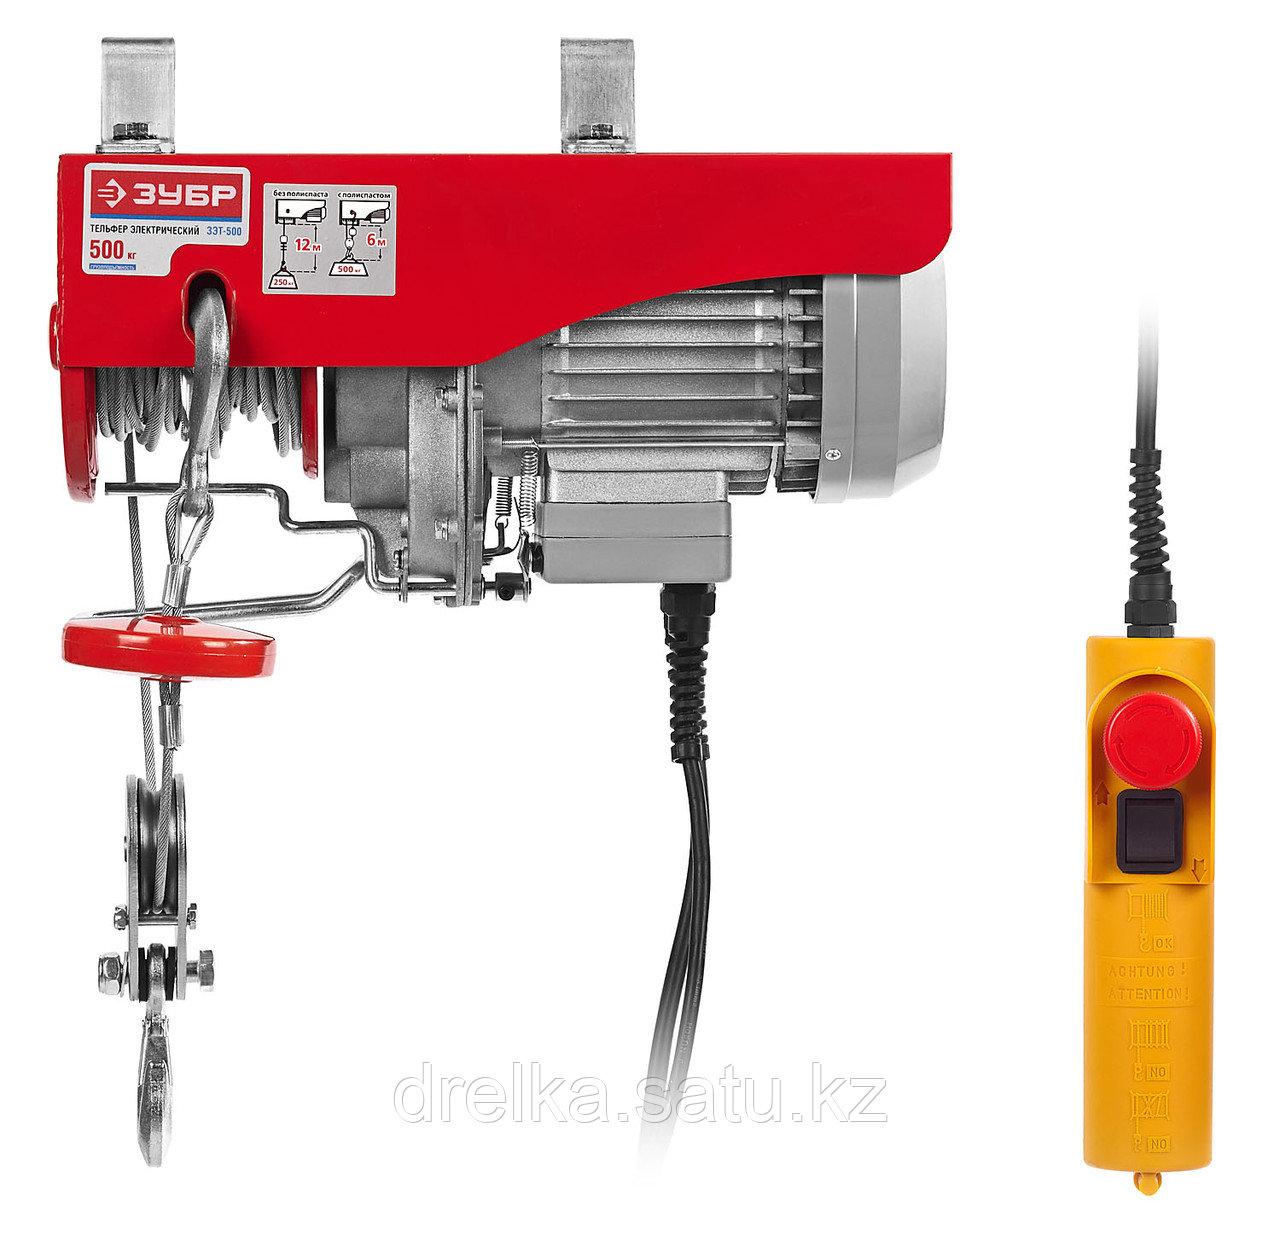 Тельфер электрический (электротельфер) ЗУБР ЗЭТ-500, 500/250 кг, 900 Вт.